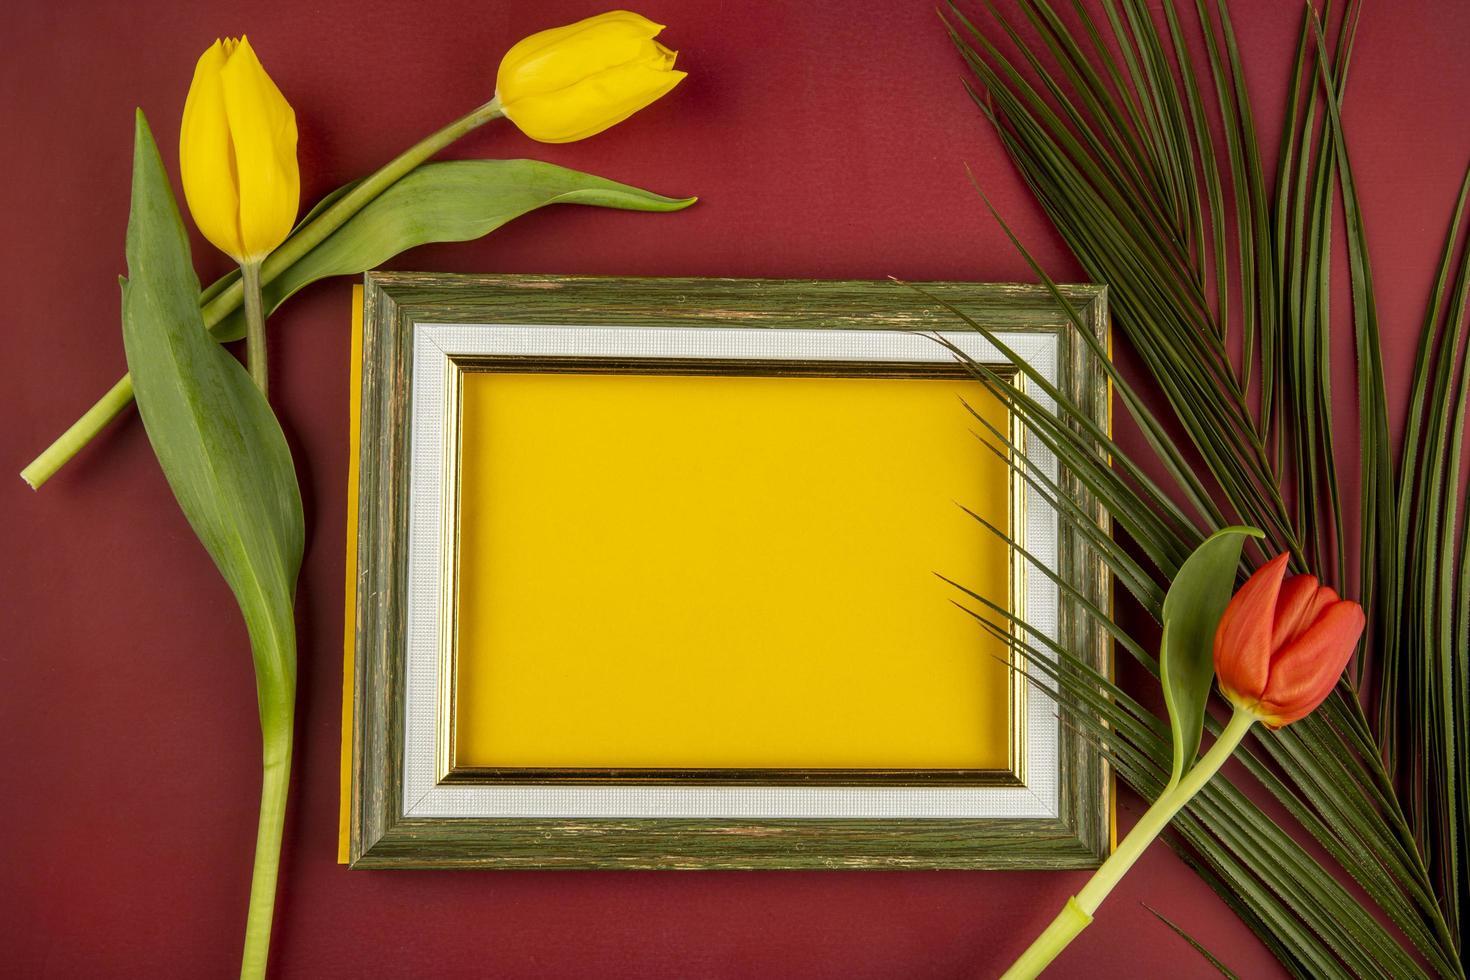 vista superior de un marco de imagen vacío con tulipanes y una hoja de palma foto